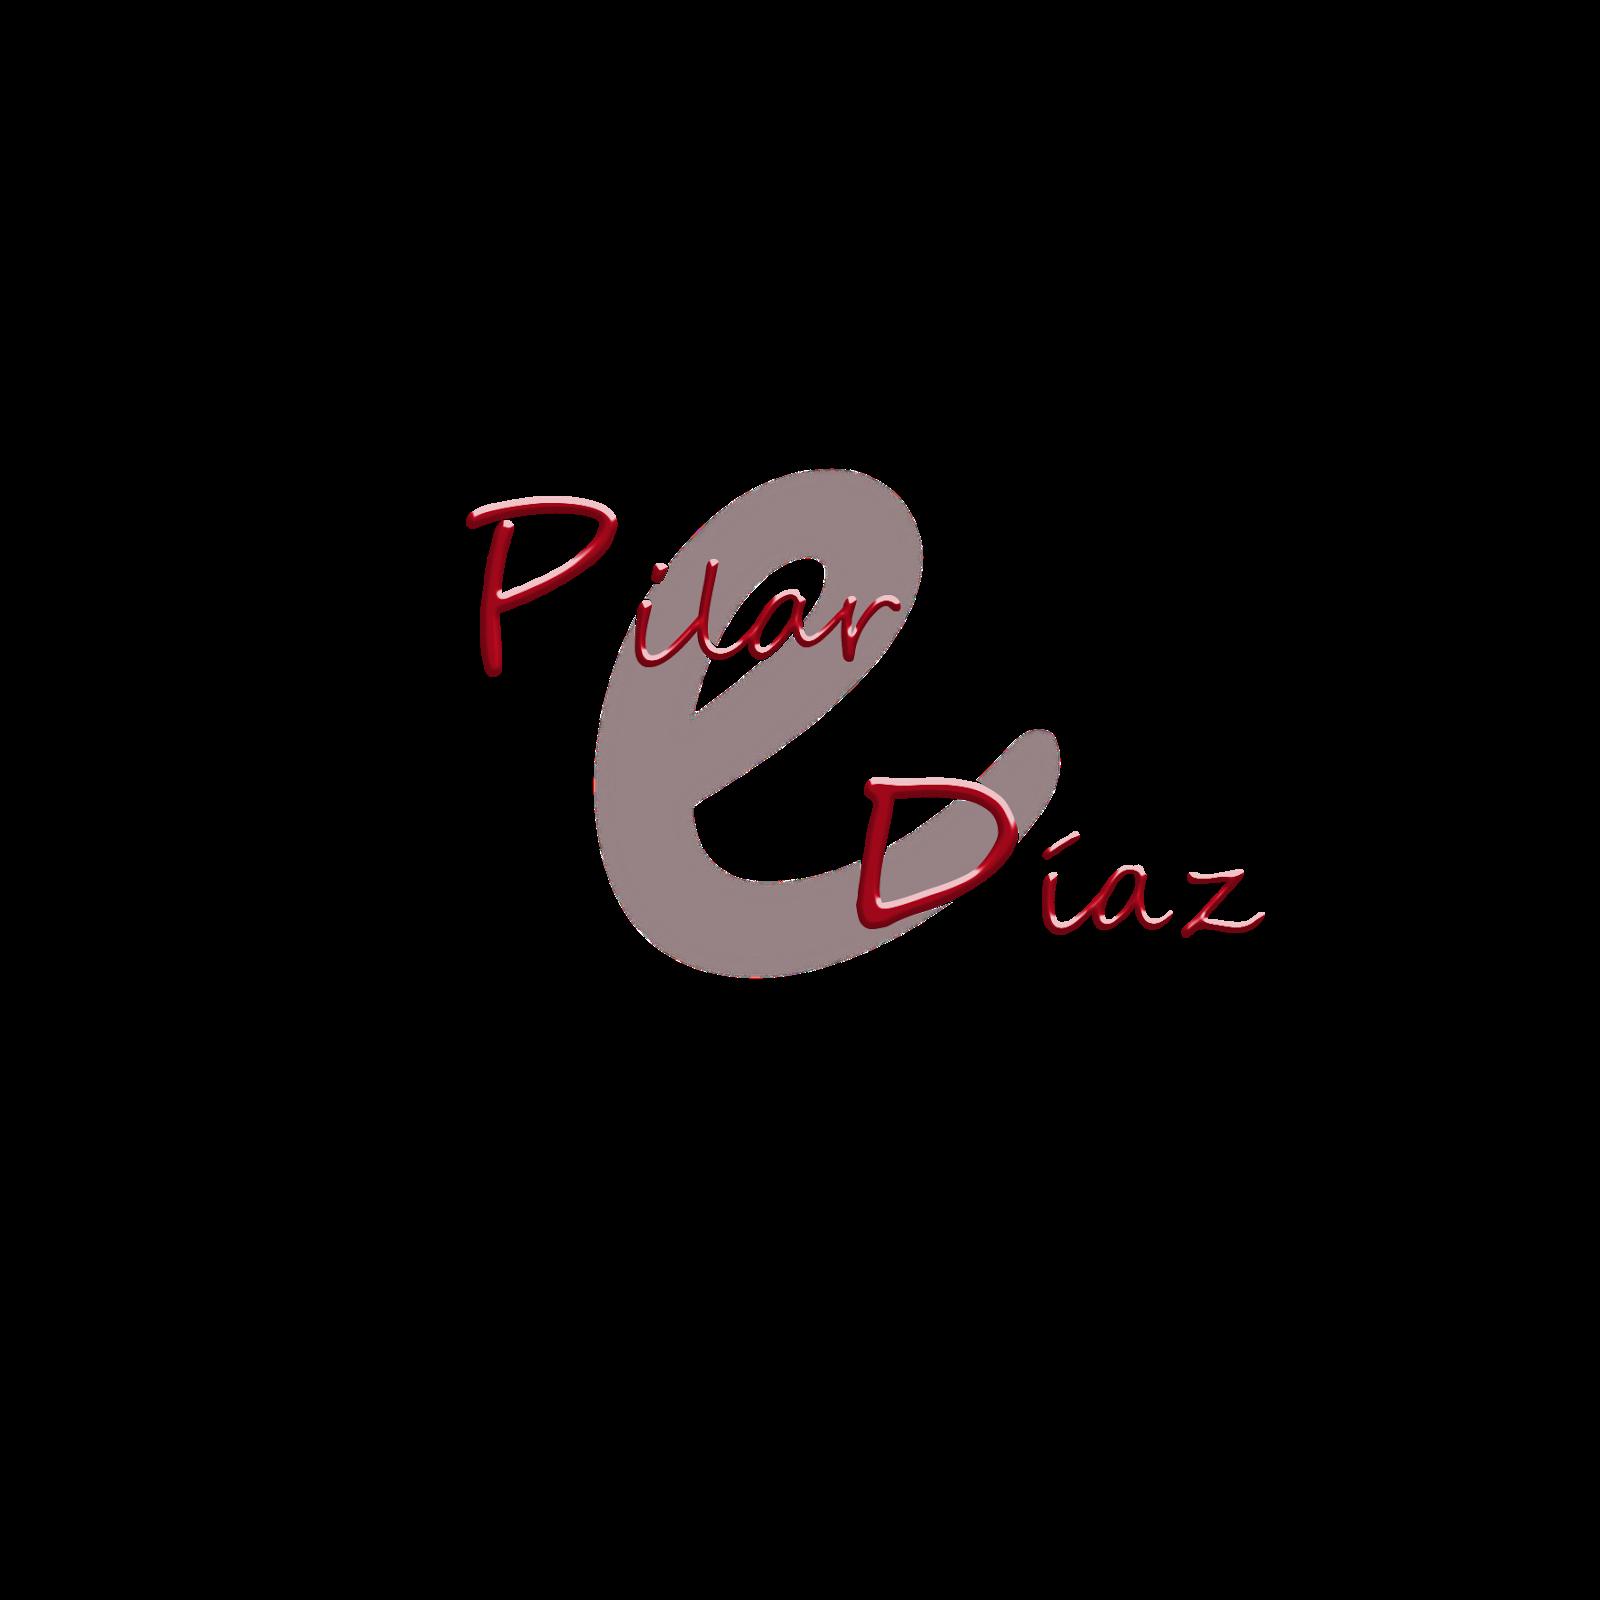 PILAR DIAZ EDICIONES